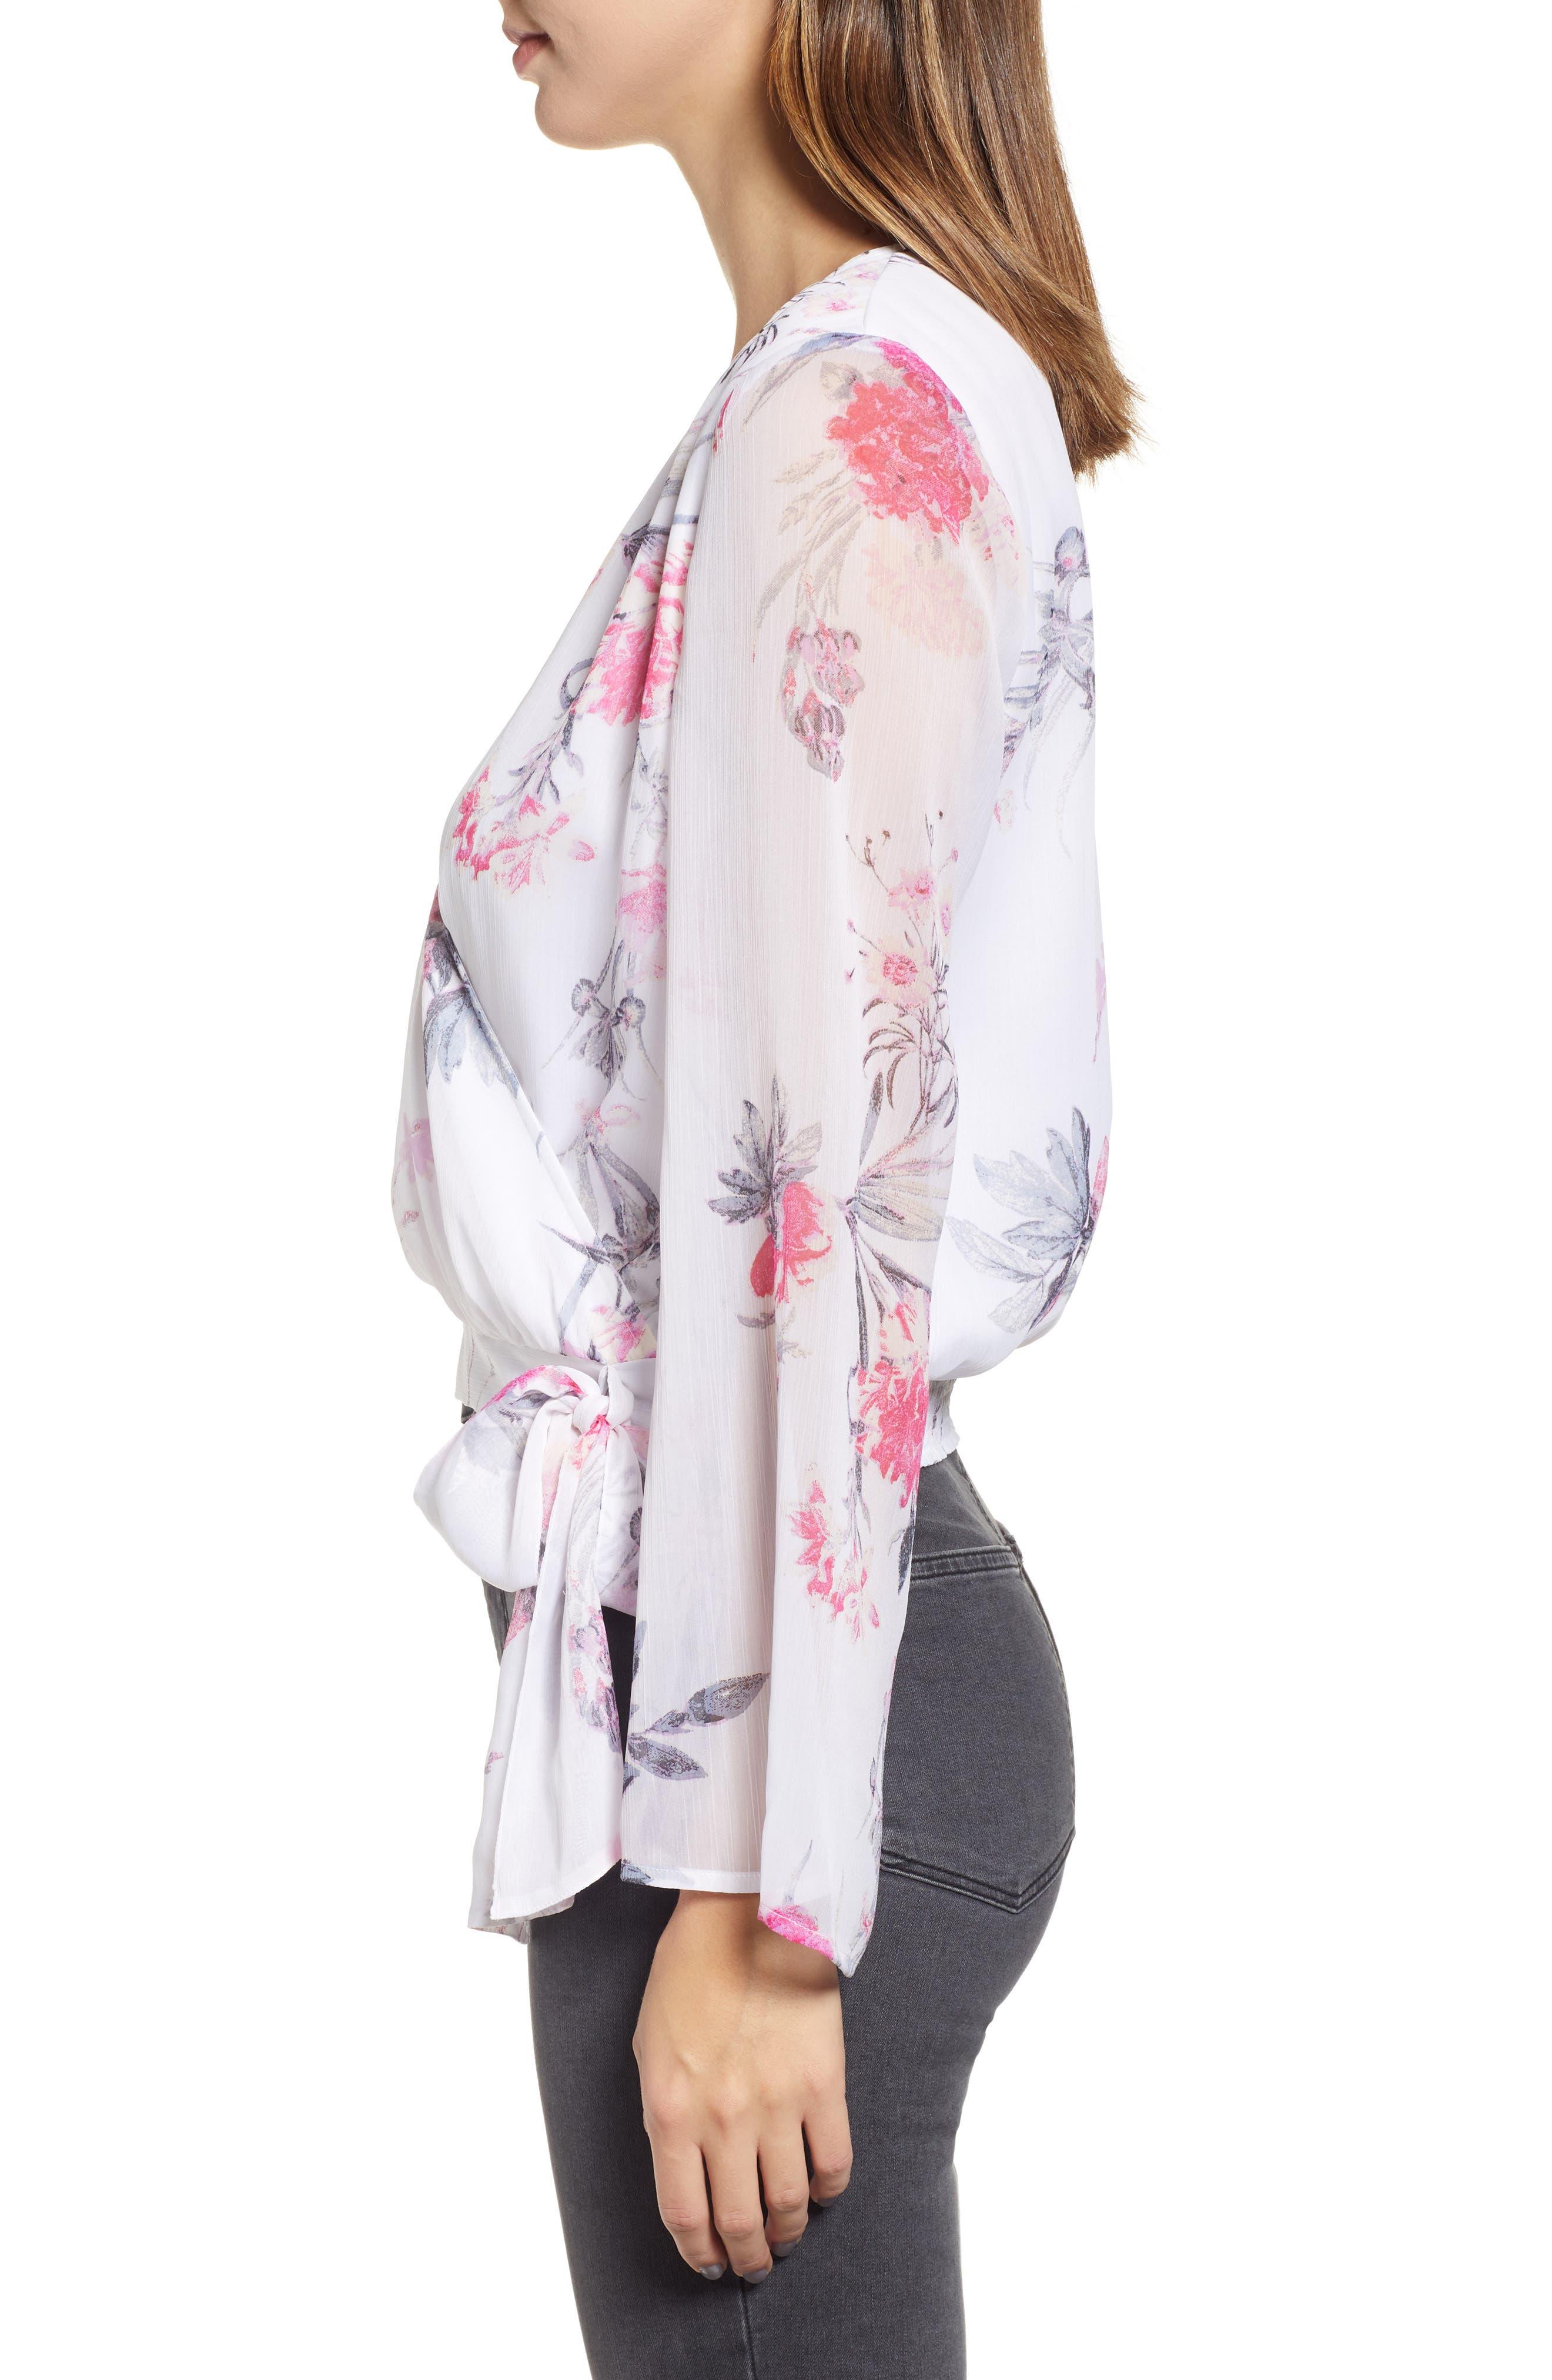 LEITH, Floral Faux Wrap Top, Alternate thumbnail 3, color, WHITE ROMANTIC BLOOMS